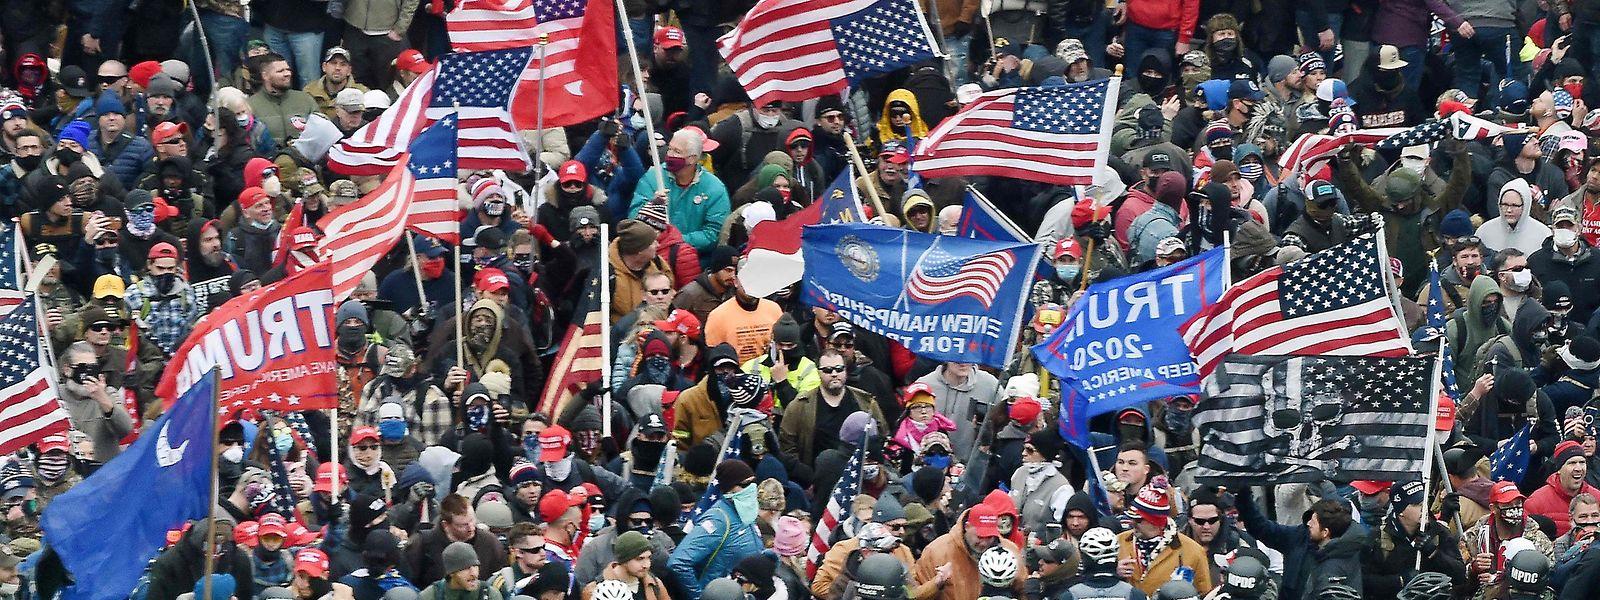 Die Anhänger des scheidenden Präsidenten bei ihrem Marsch zum Kapitol.